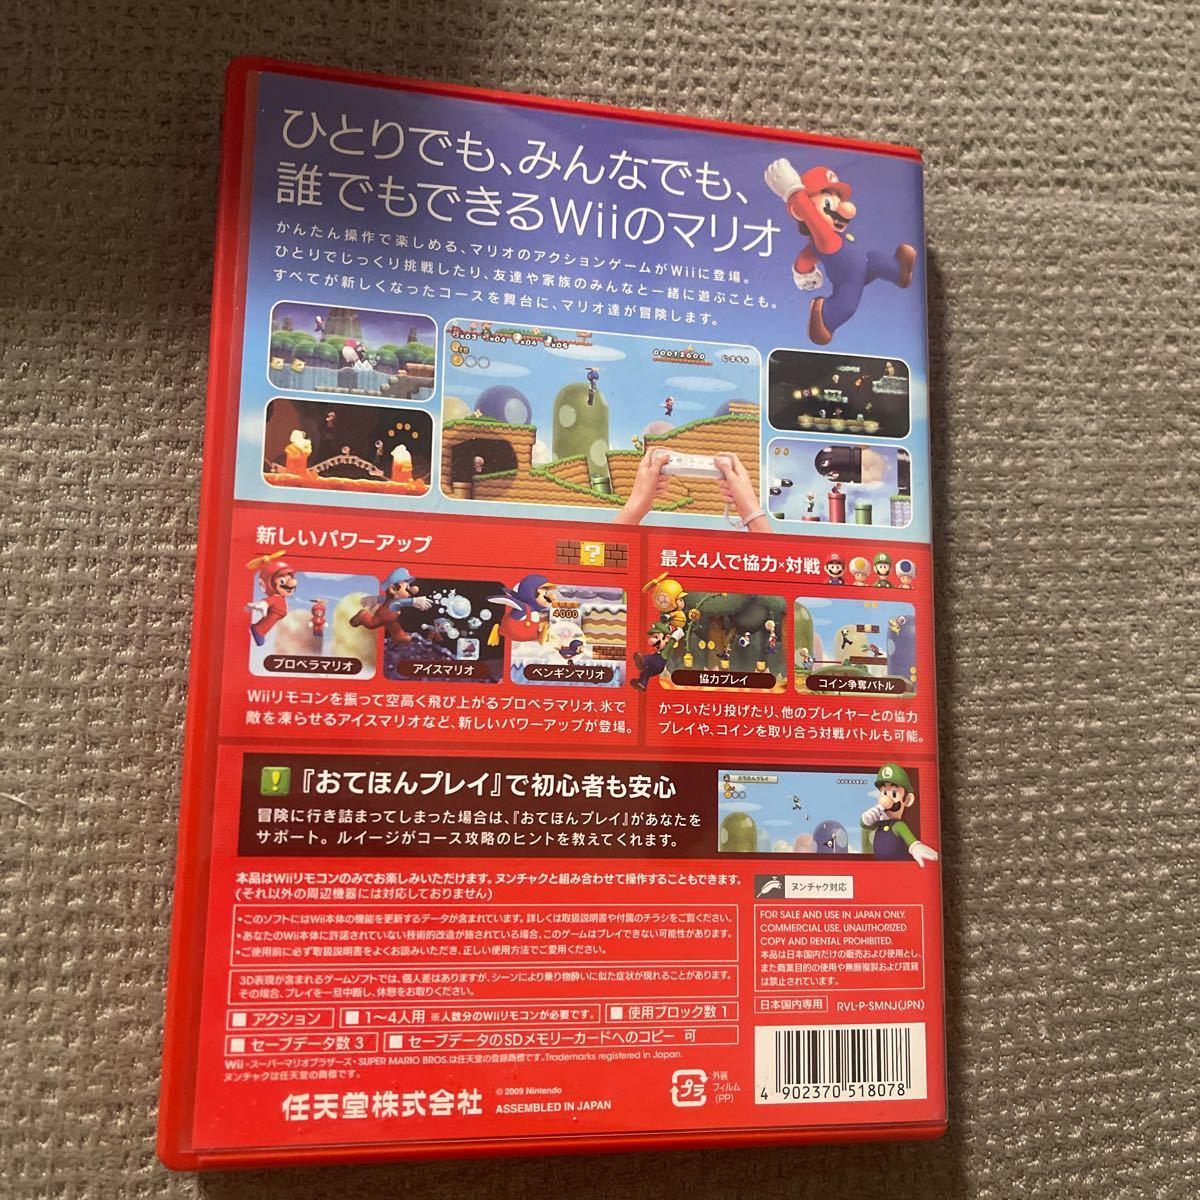 【Wii】 ニュースーパーマリオブラザーズ New Super Mario